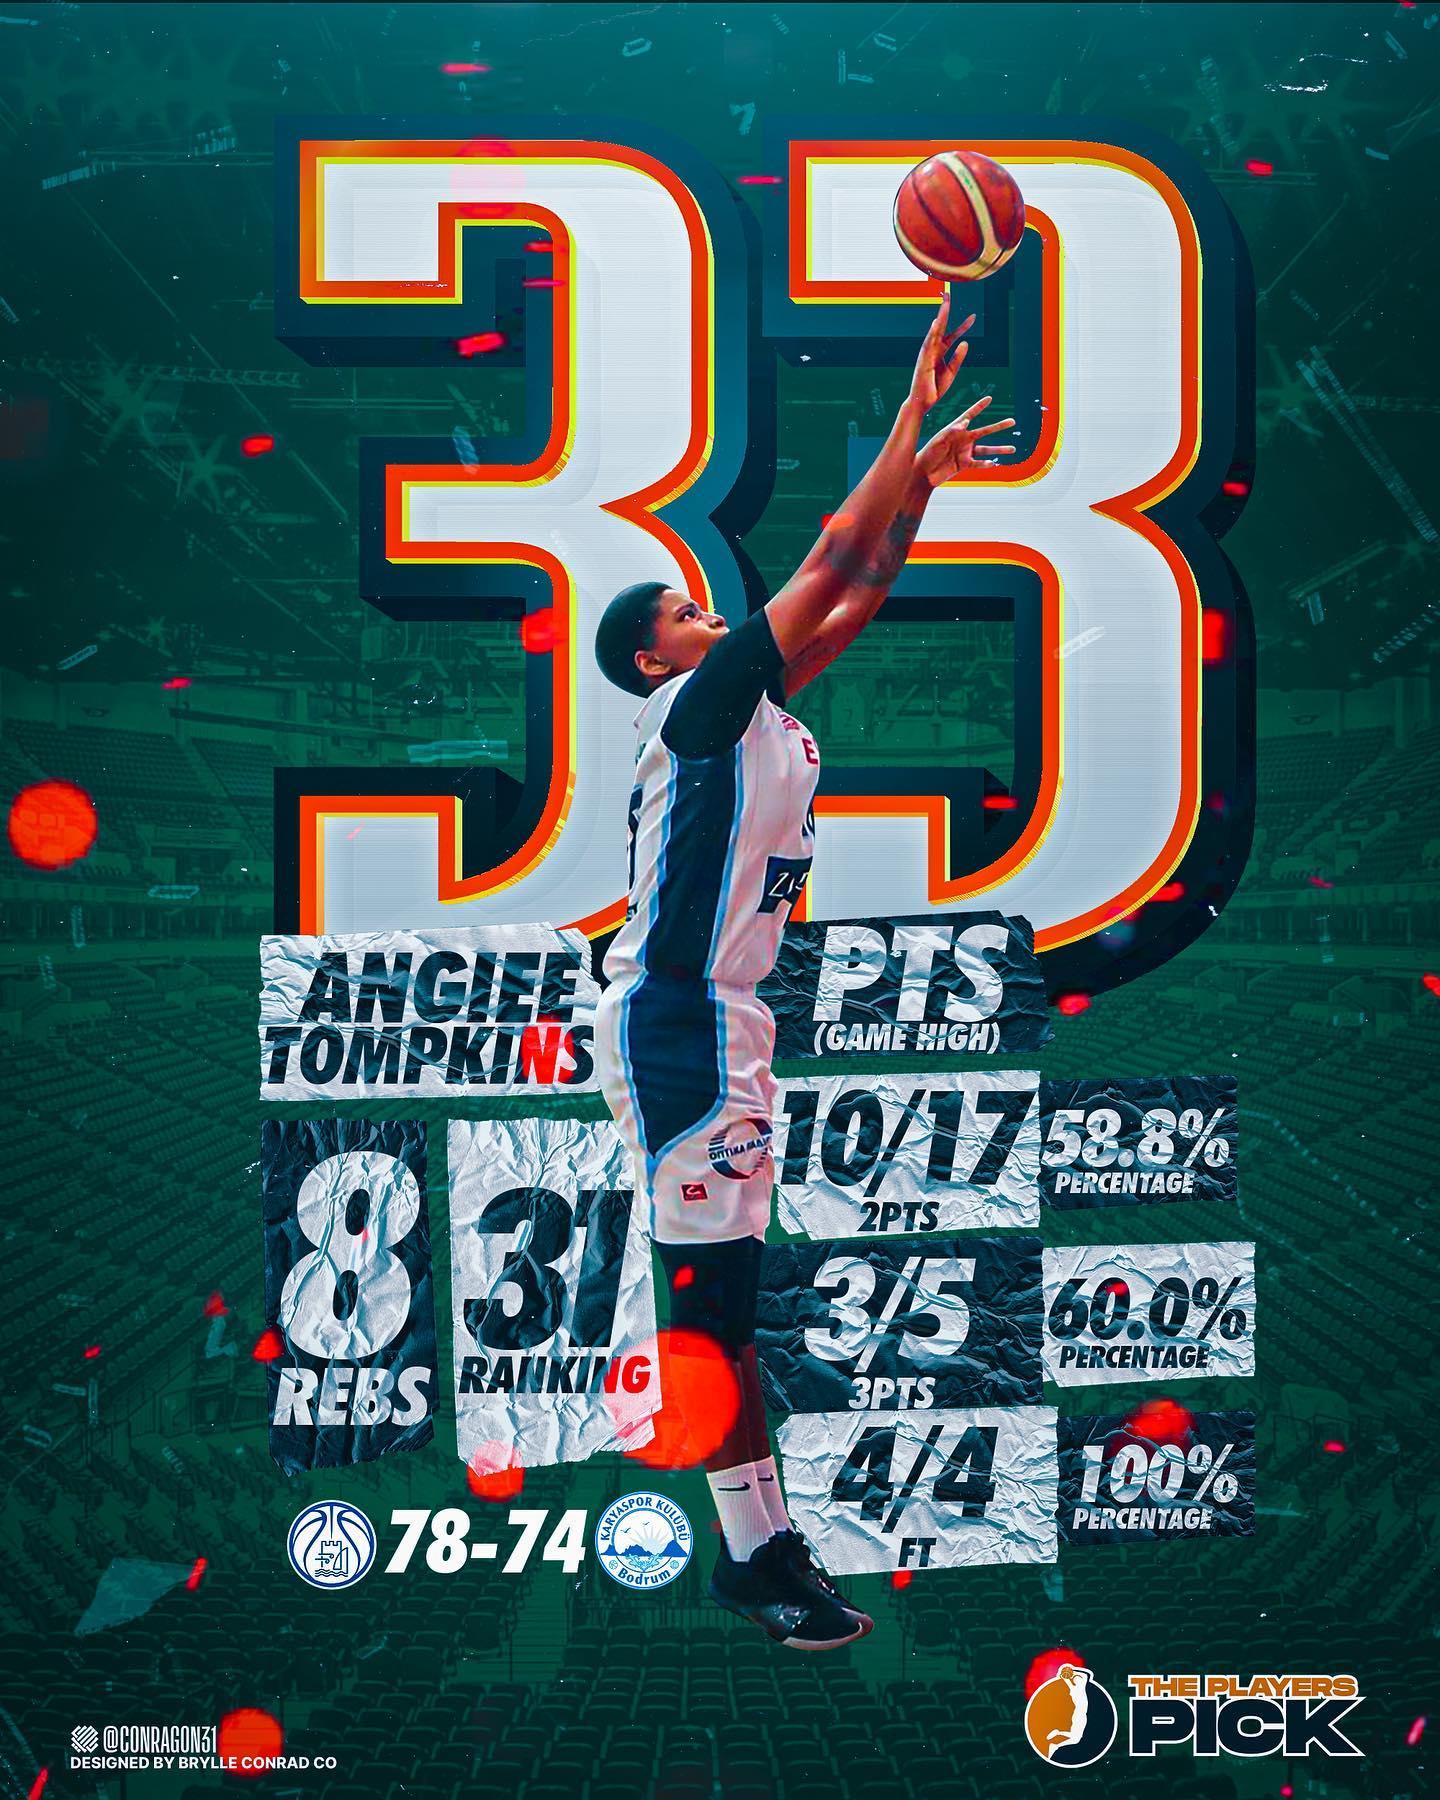 Tompkins keeps shining in Turkey – 33 points & 31 ranking for last week's League MVP!